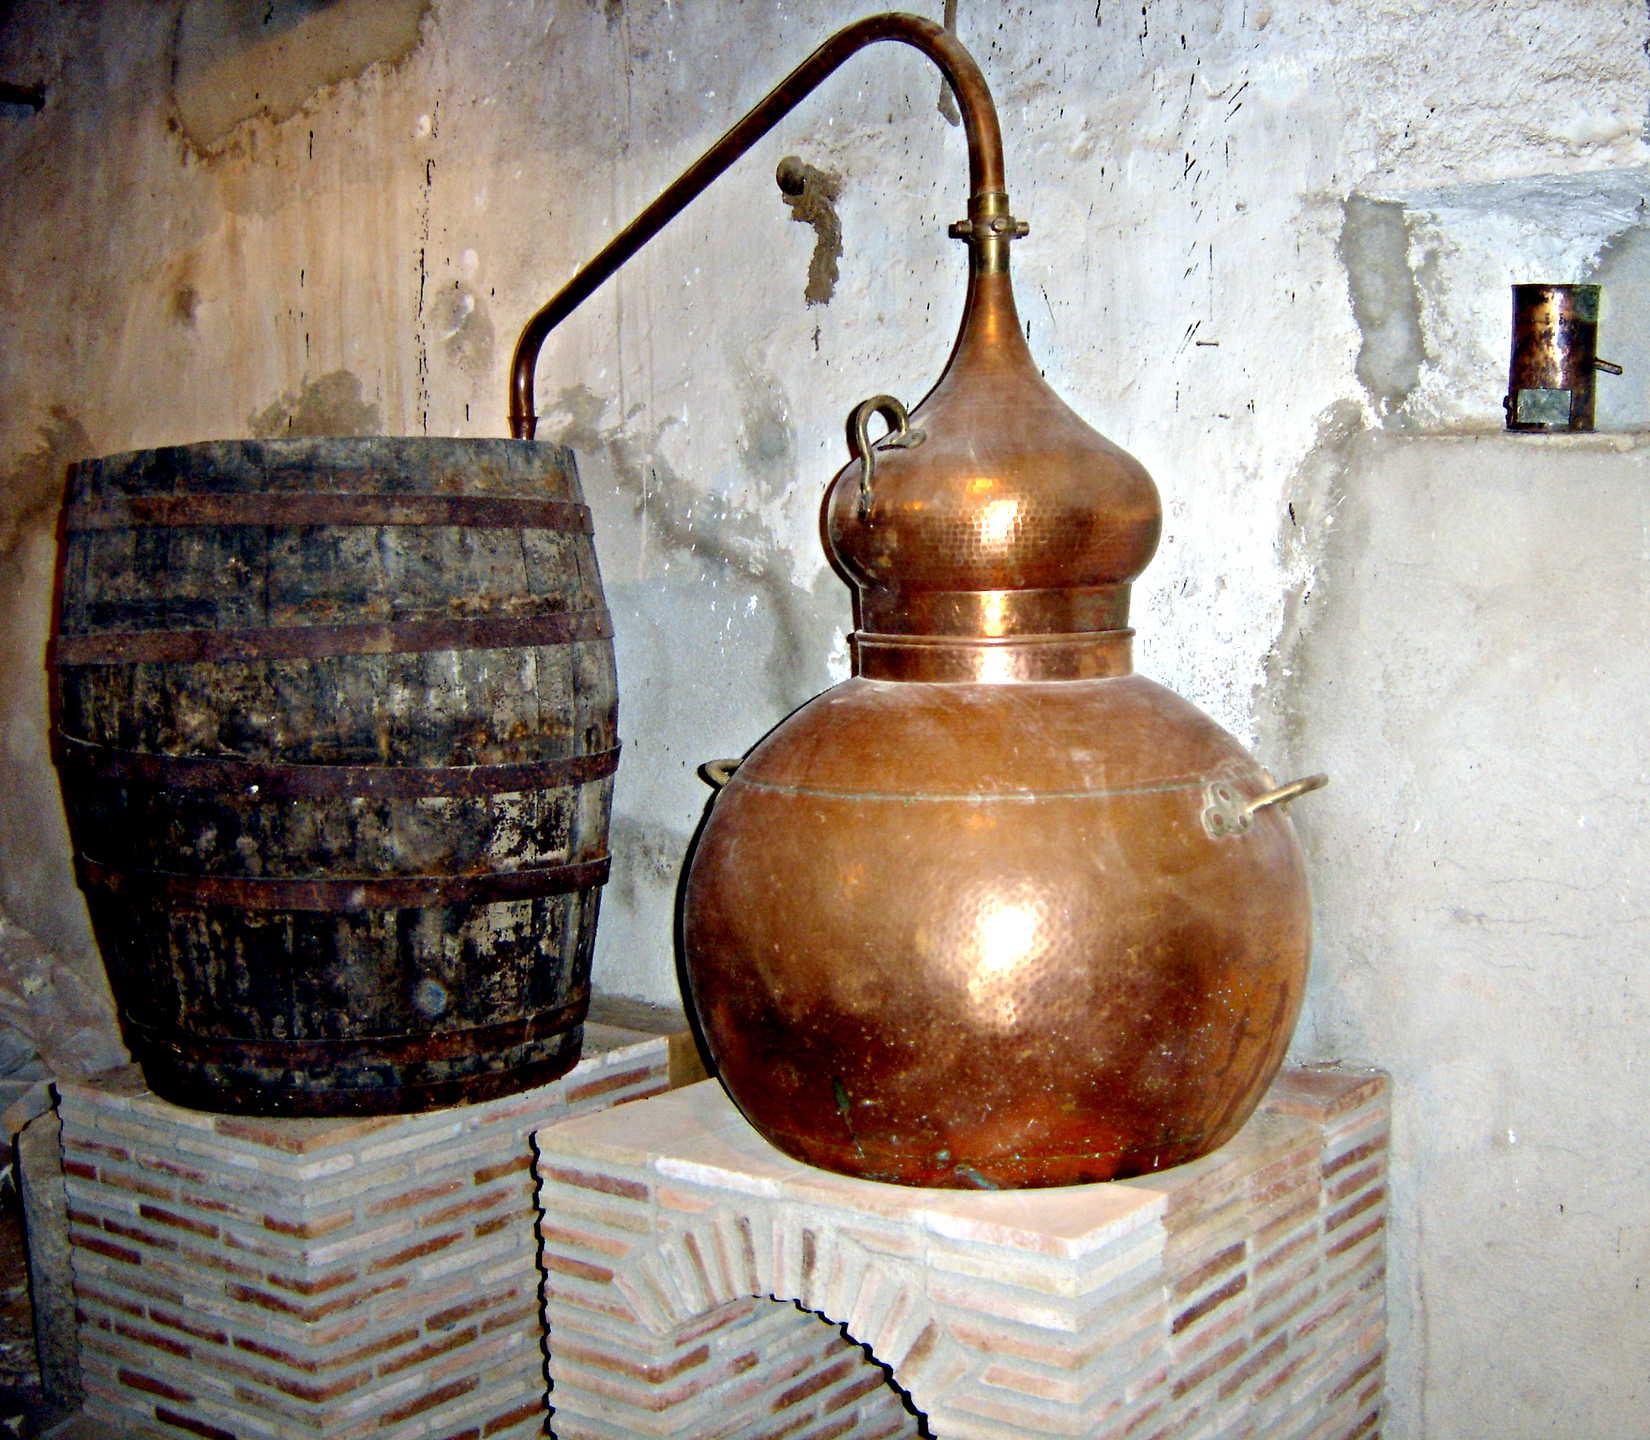 exposición oficios perdidos planta baja museo archivo Pere Virgili